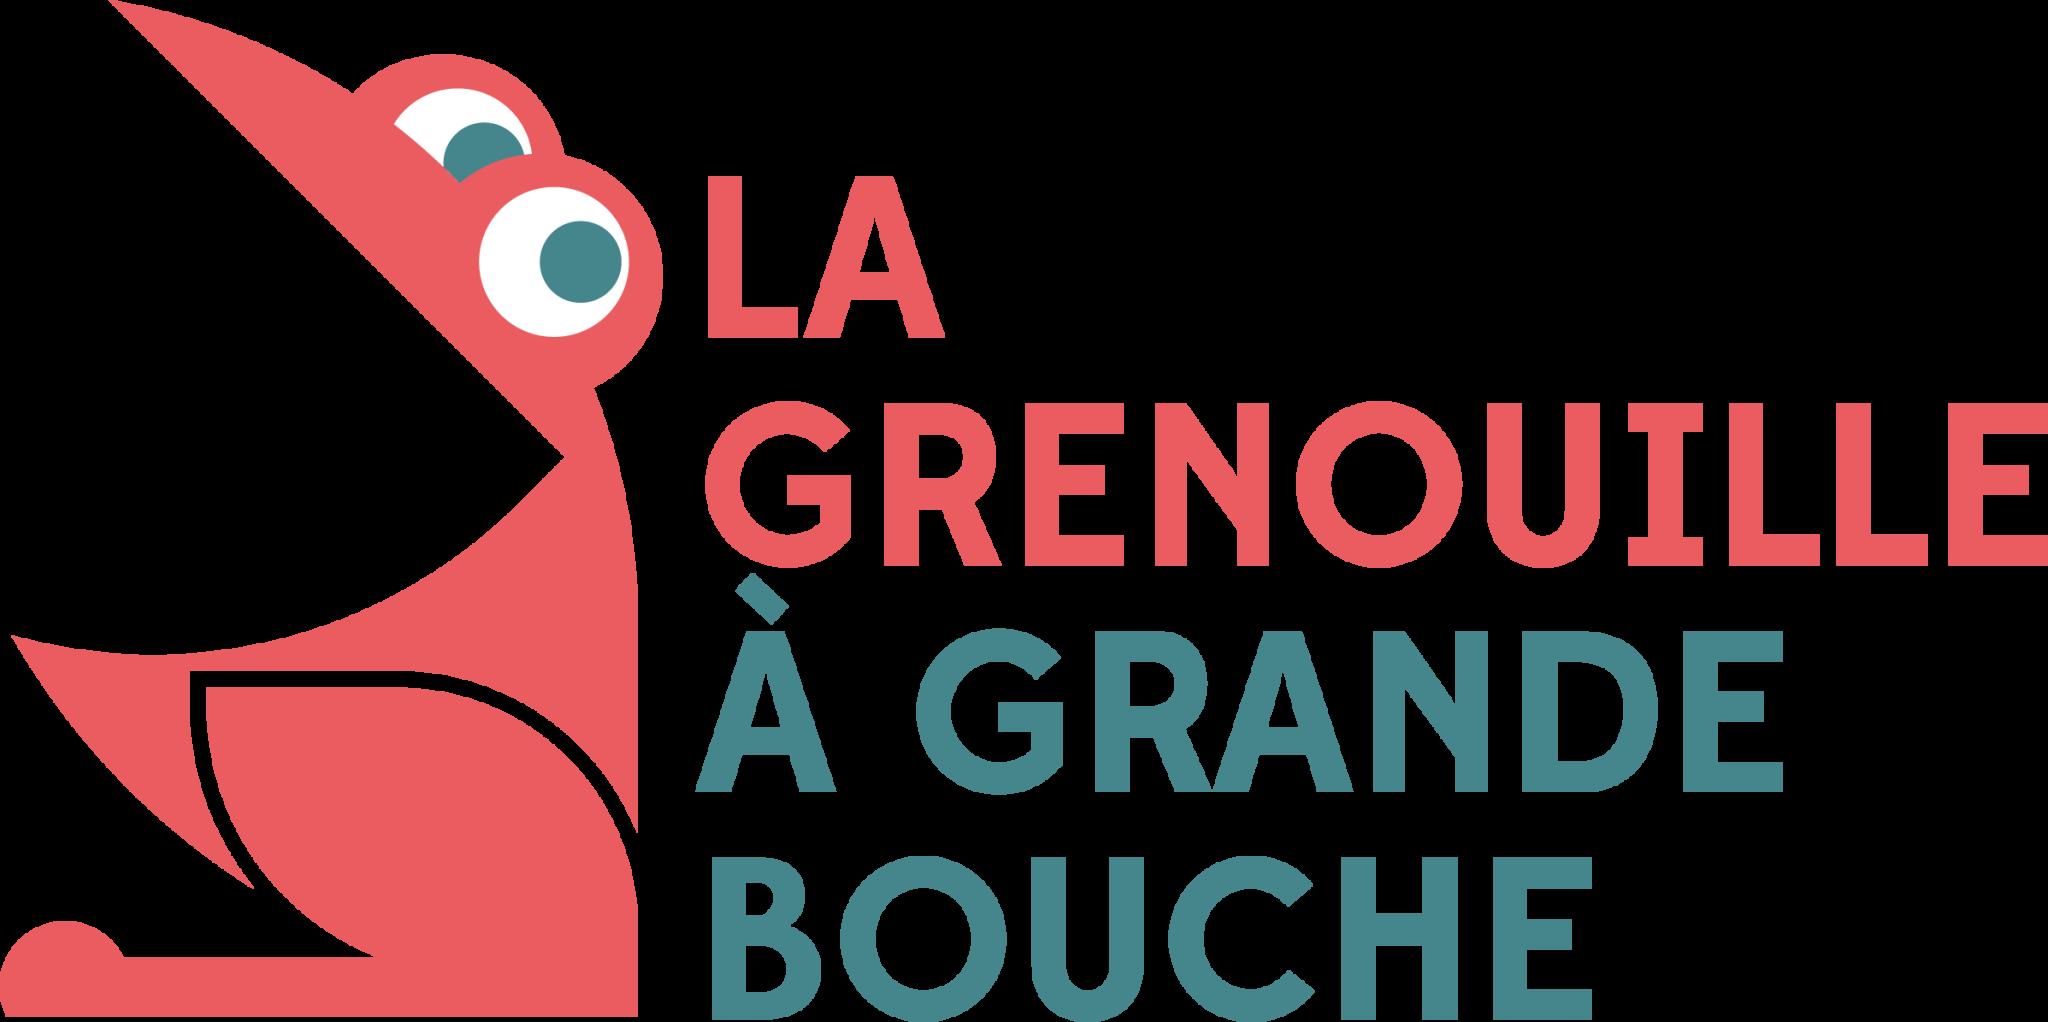 image_thumb_LA GRENOUILLE A GRANDE BOUCHE